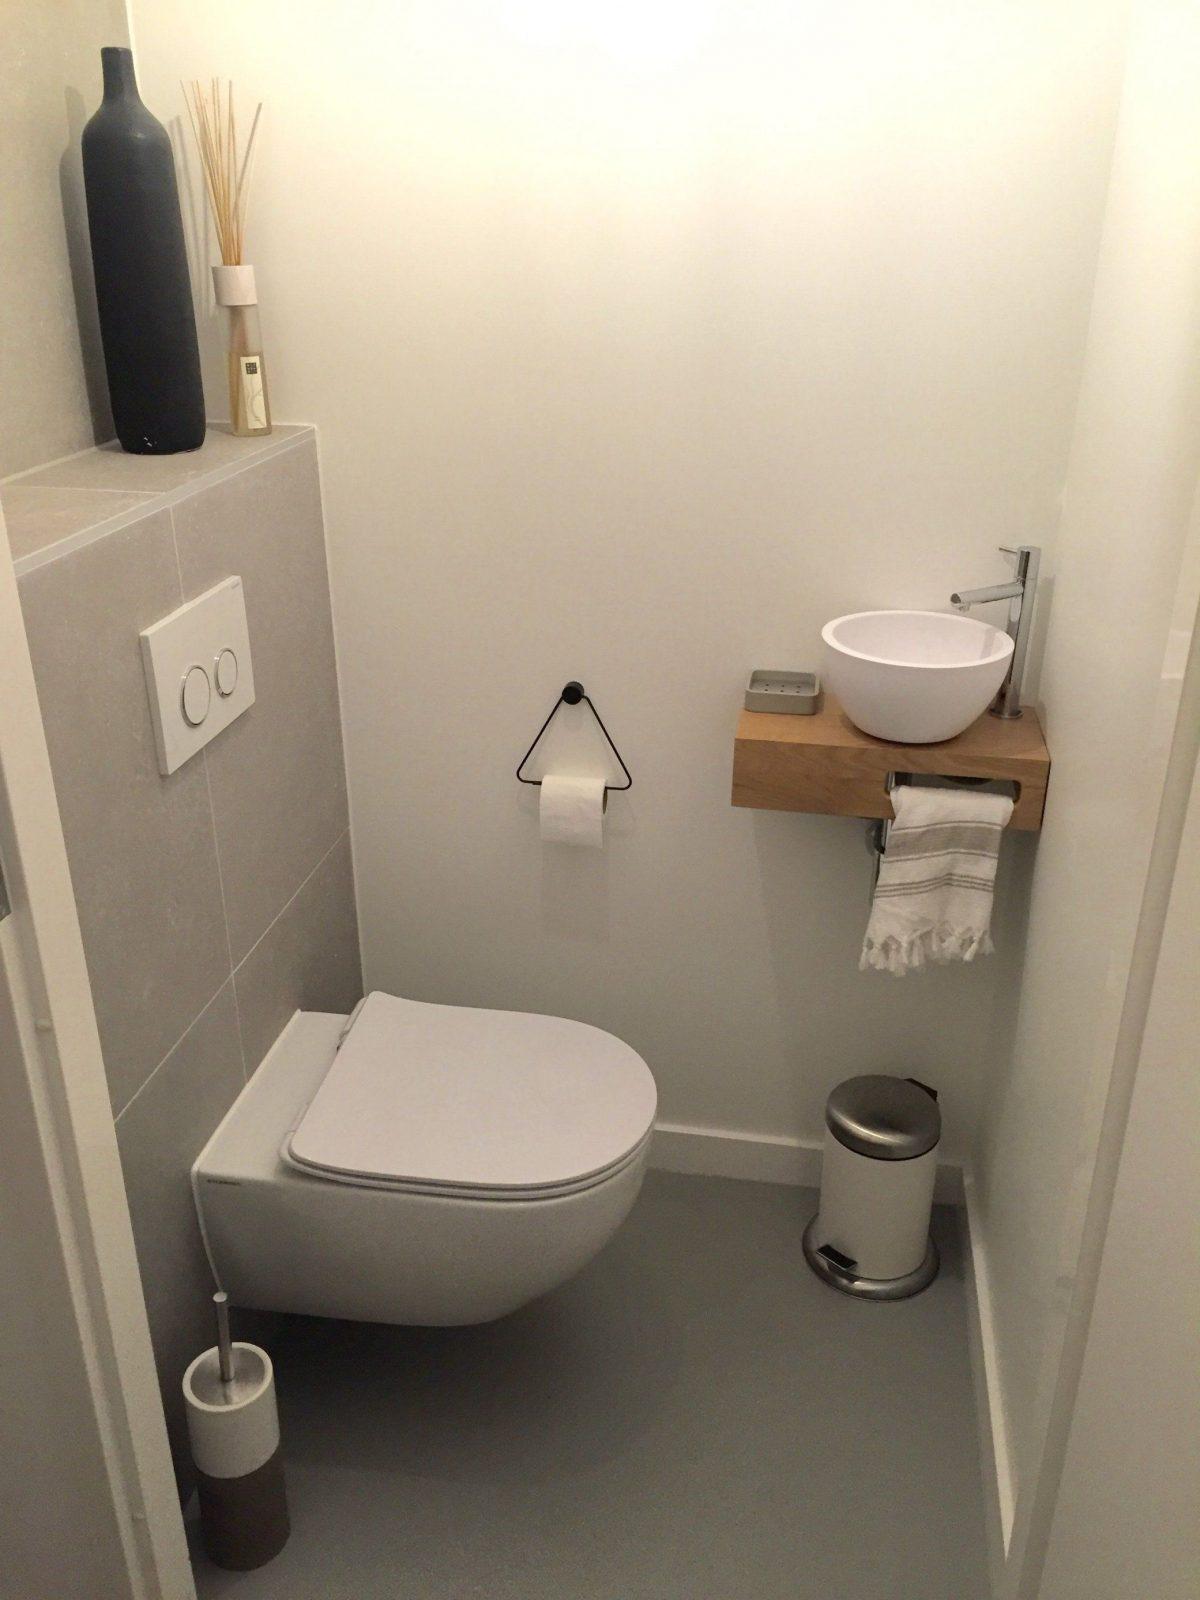 Gäste Wc  Badezimmer Ideen  Pinterest  Gäste Wc Gast Und Badezimmer von Fliesen Gäste Wc Lösungen Bild